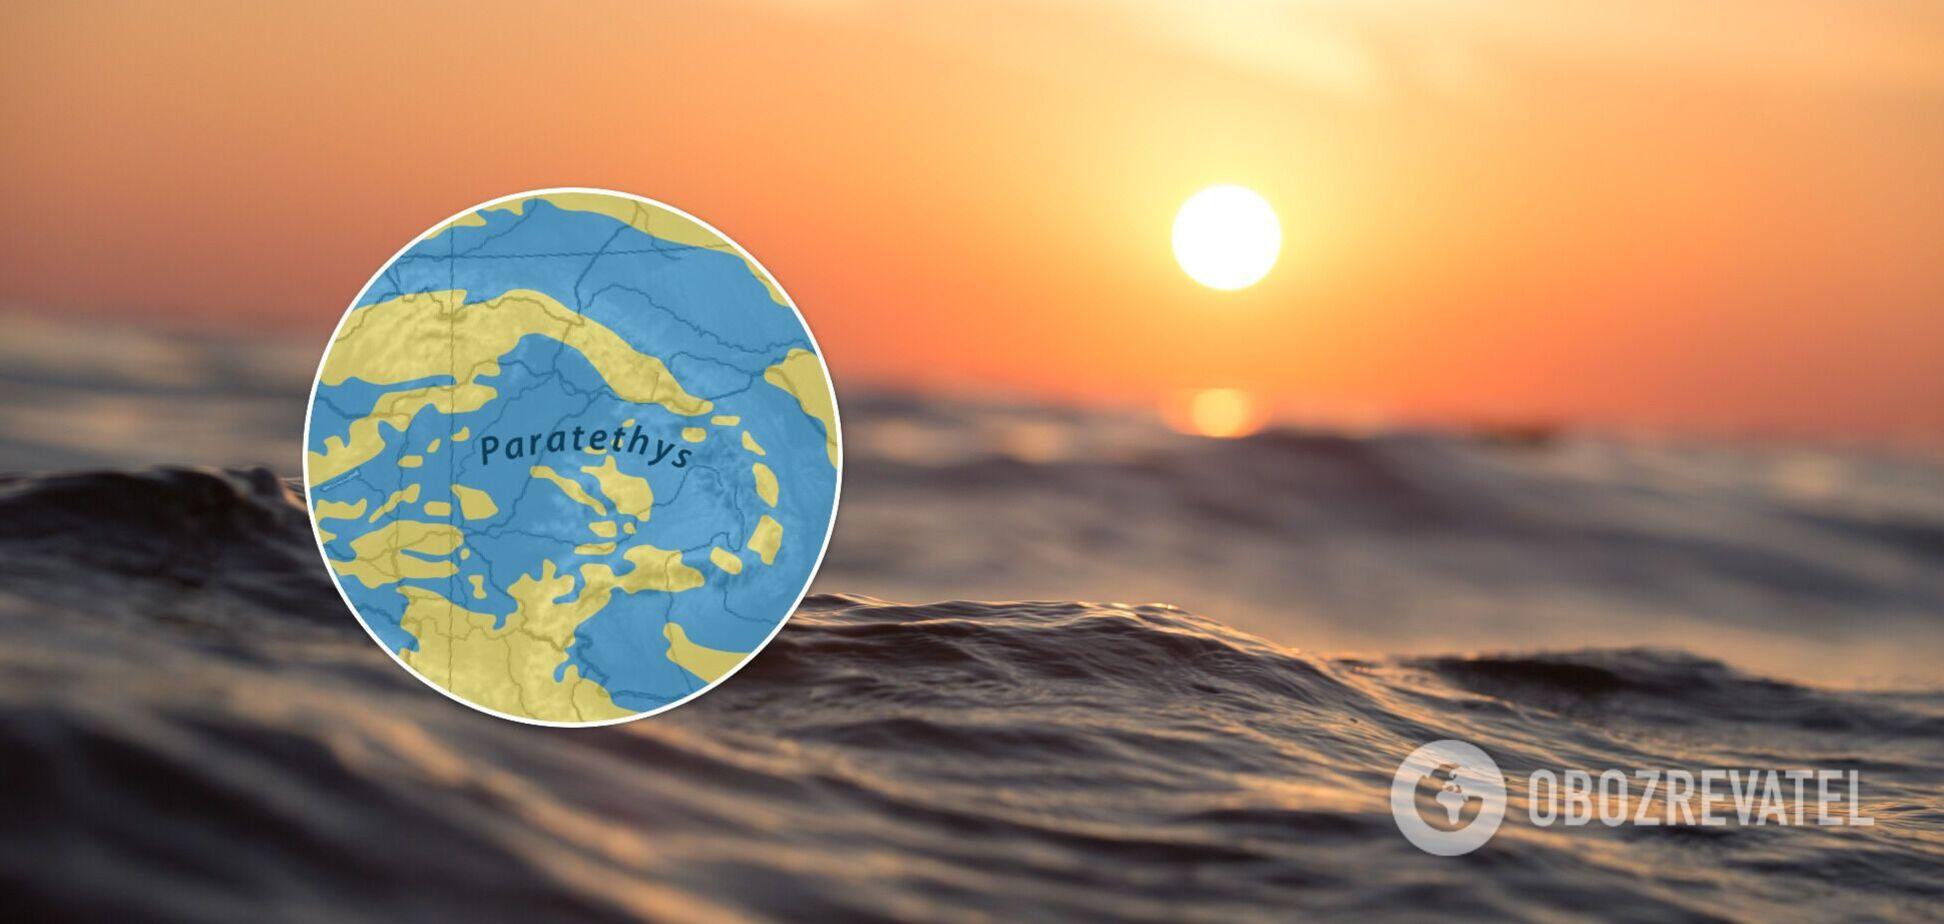 Паратетіс припинив своє існування 6 млн років тому